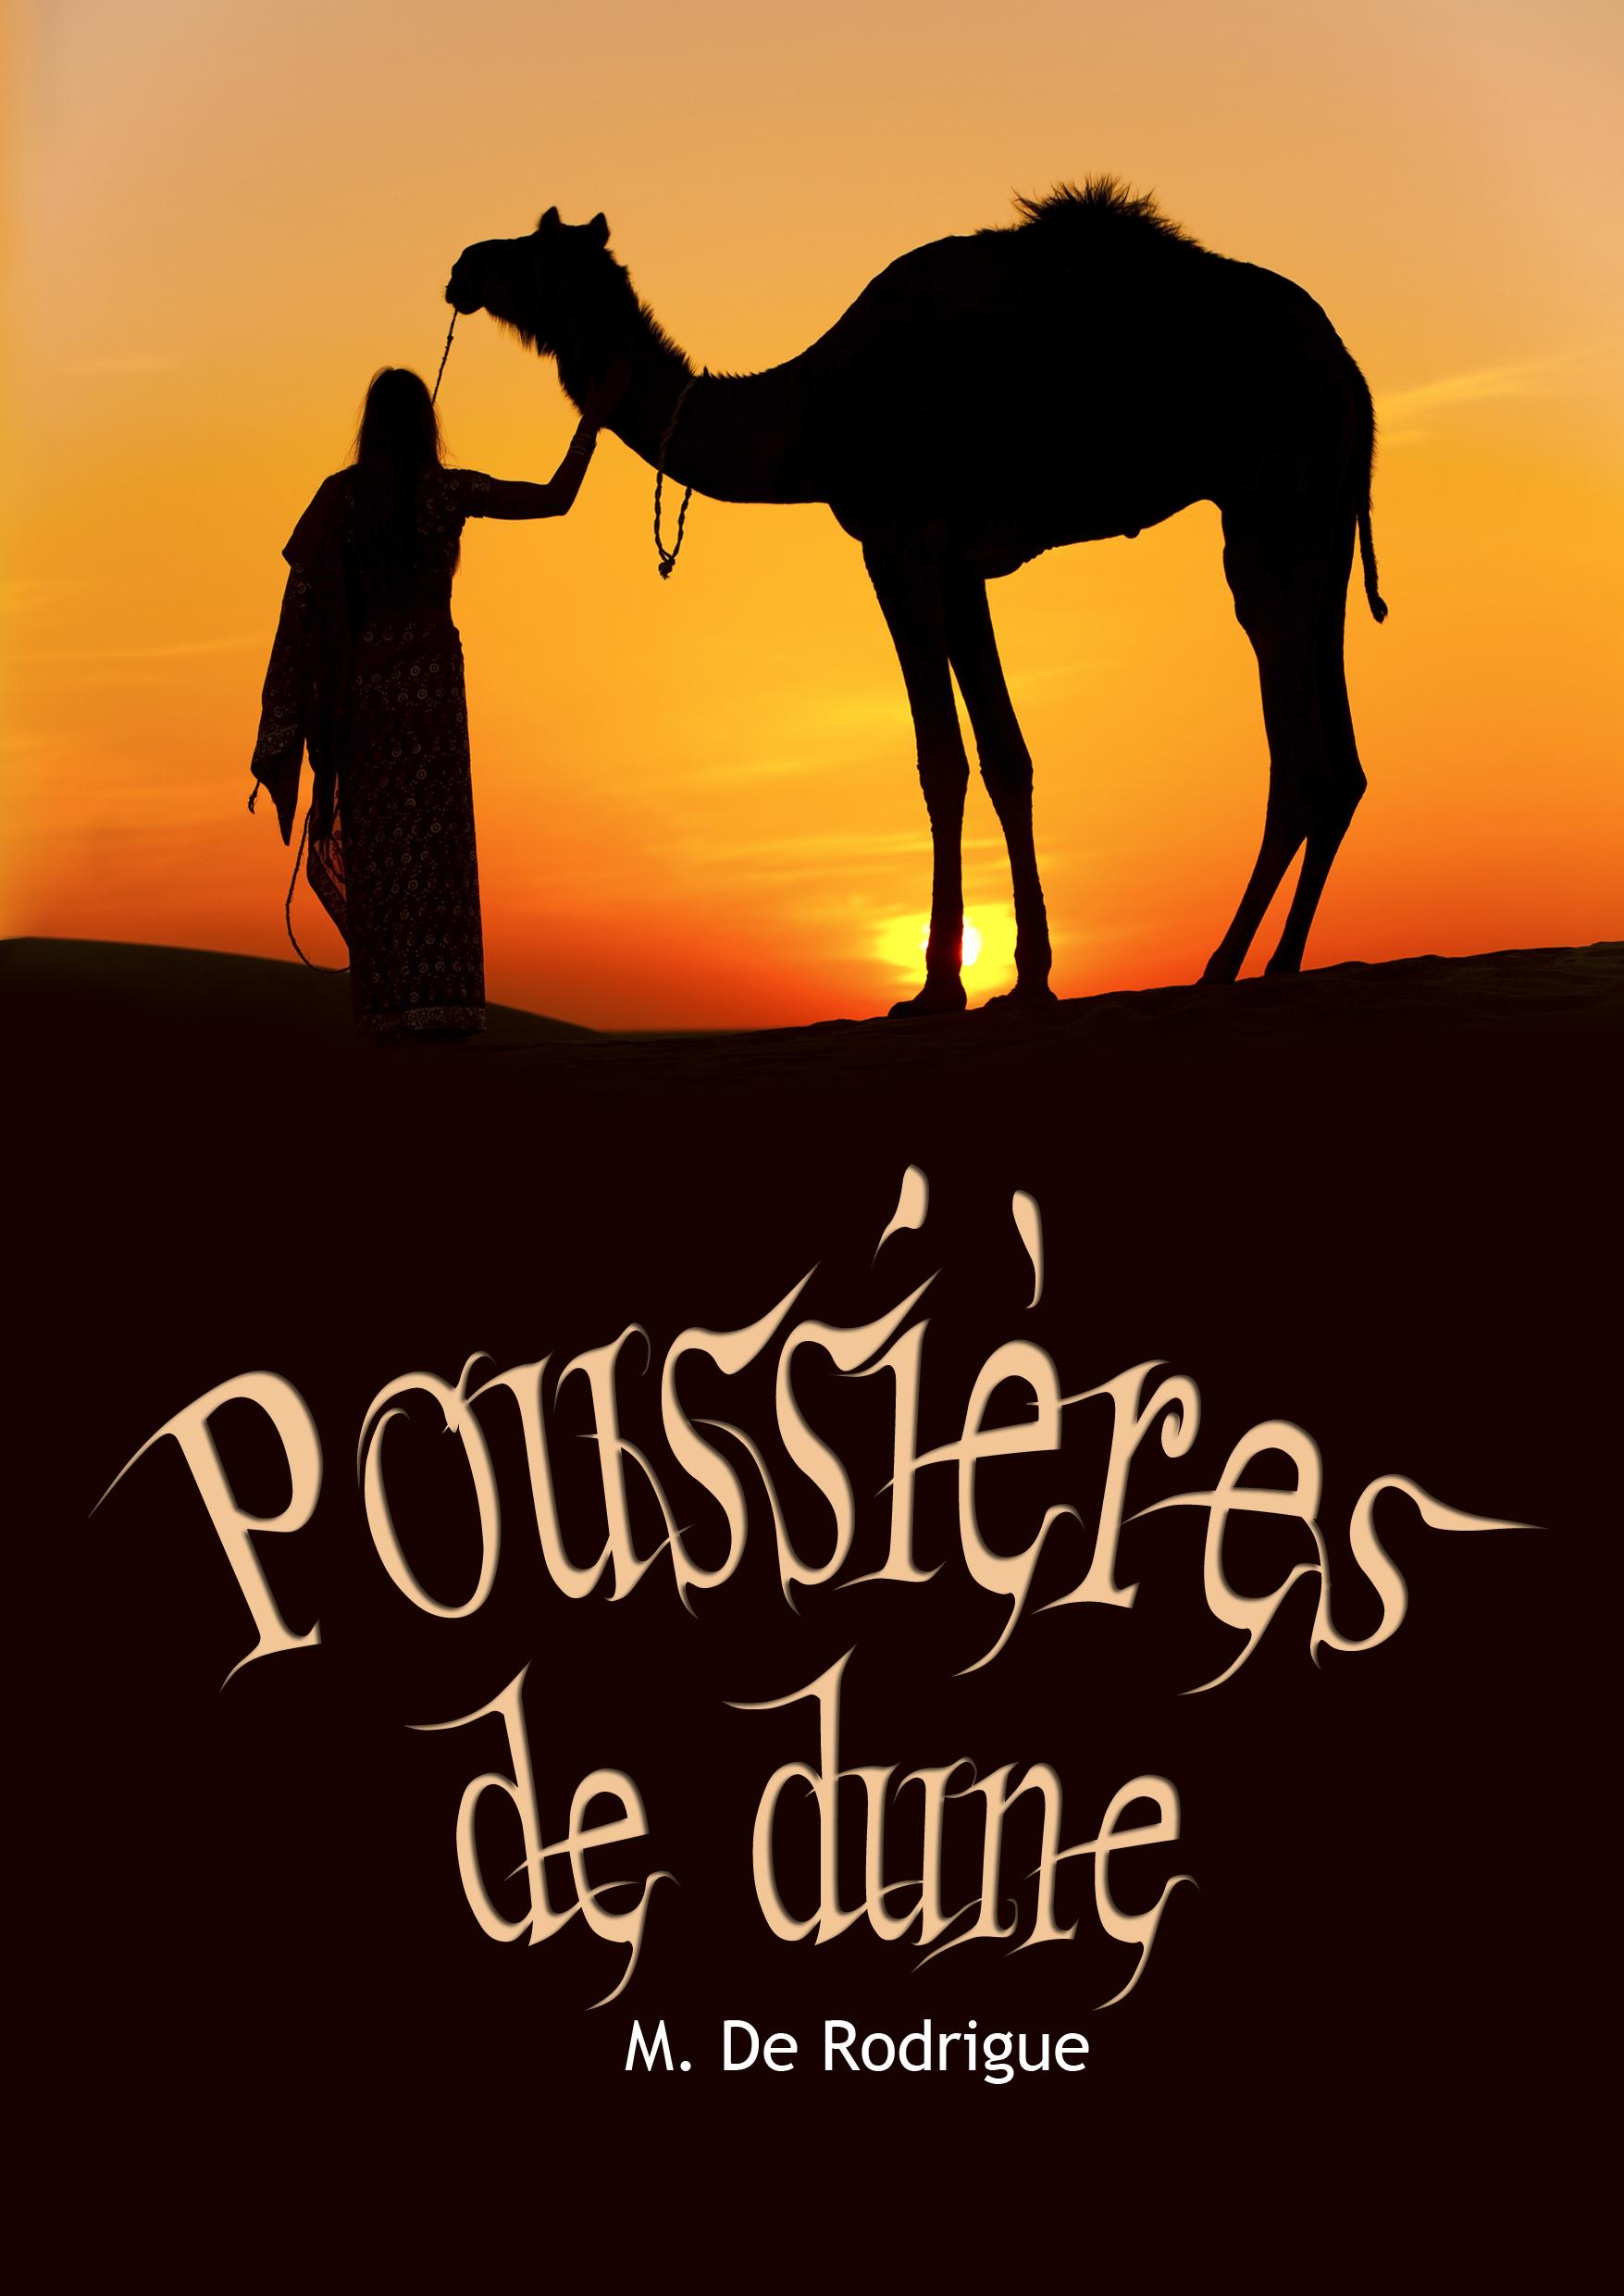 Poussières de dune